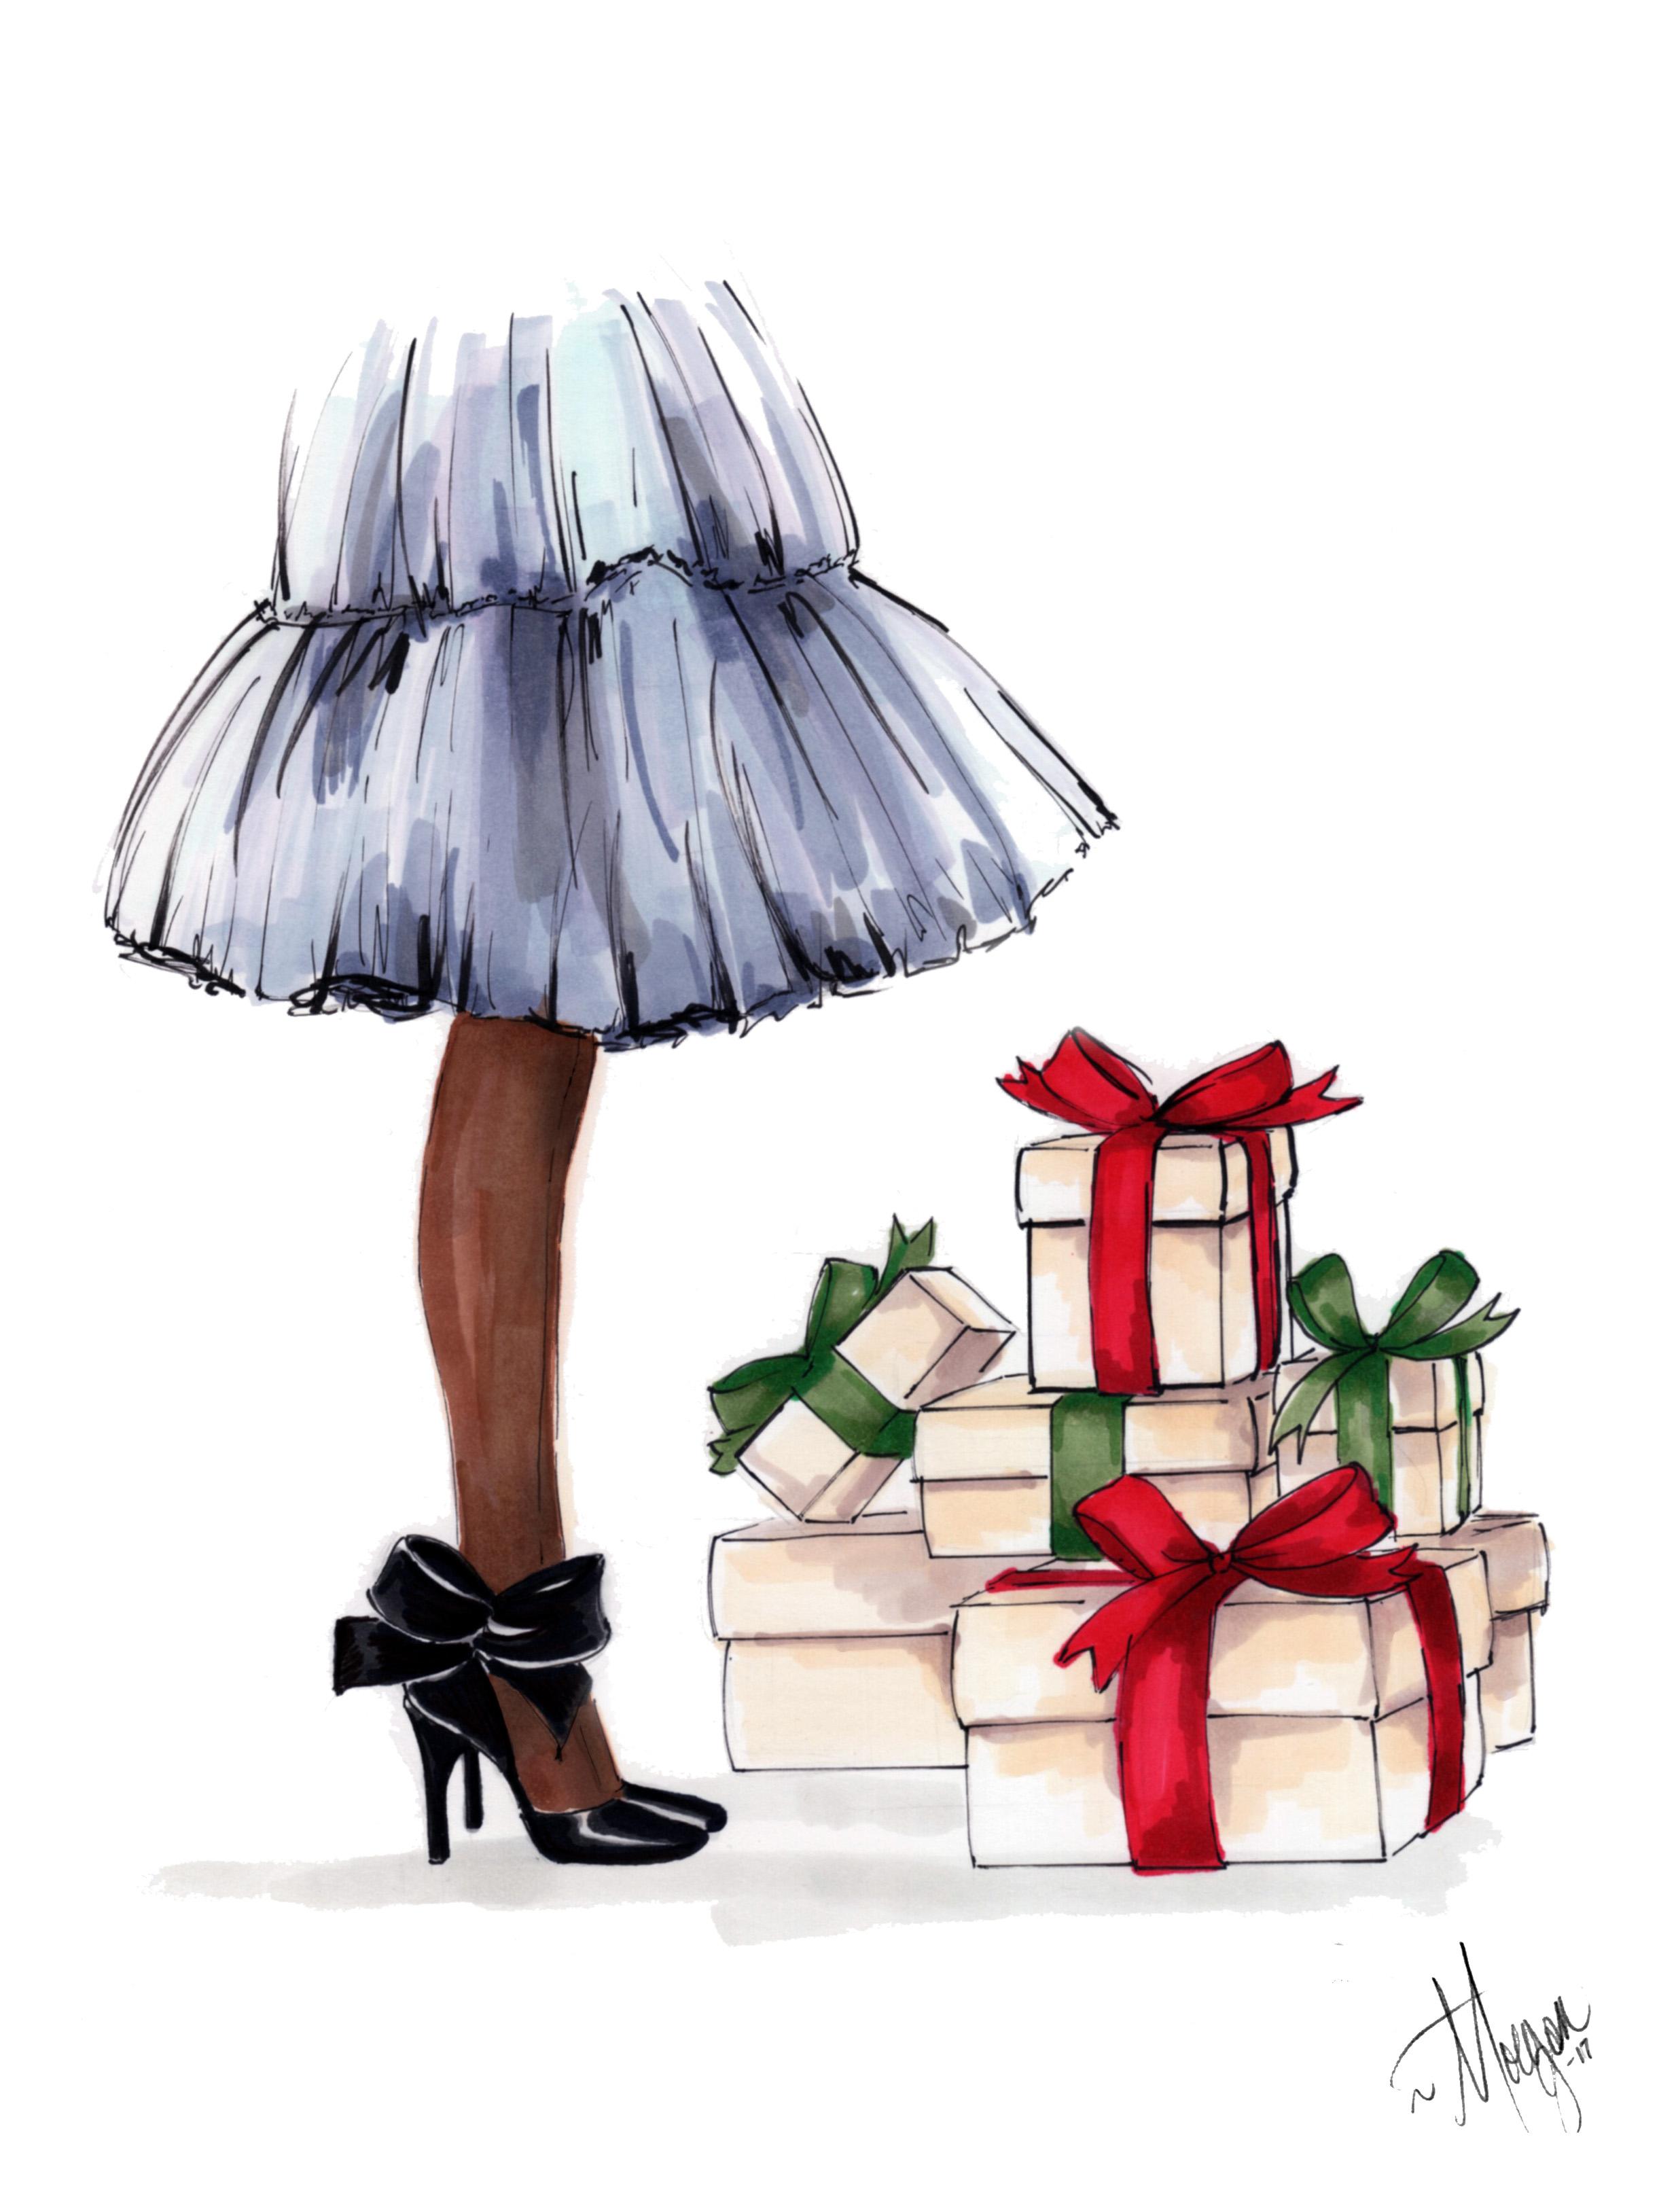 holiday-cheer-illustration-morgan-swank-studio.jpg